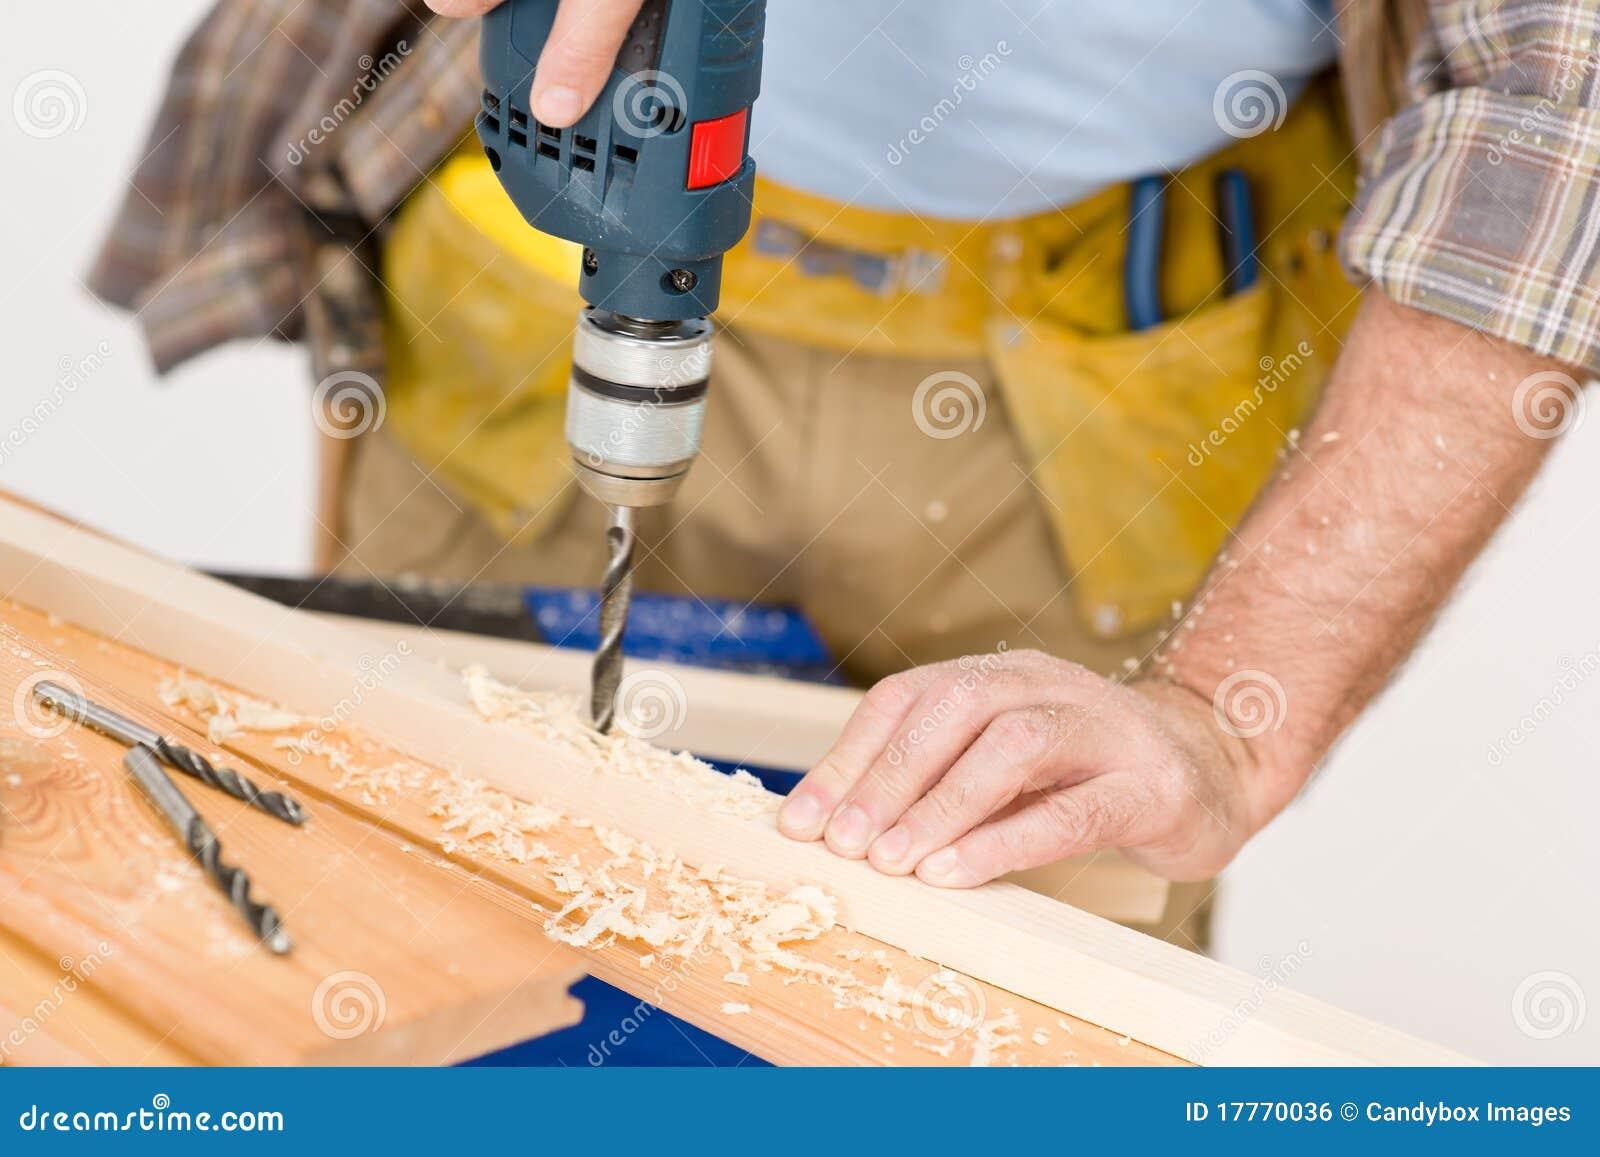 De verbetering van het huis - manusje van alles boorhout